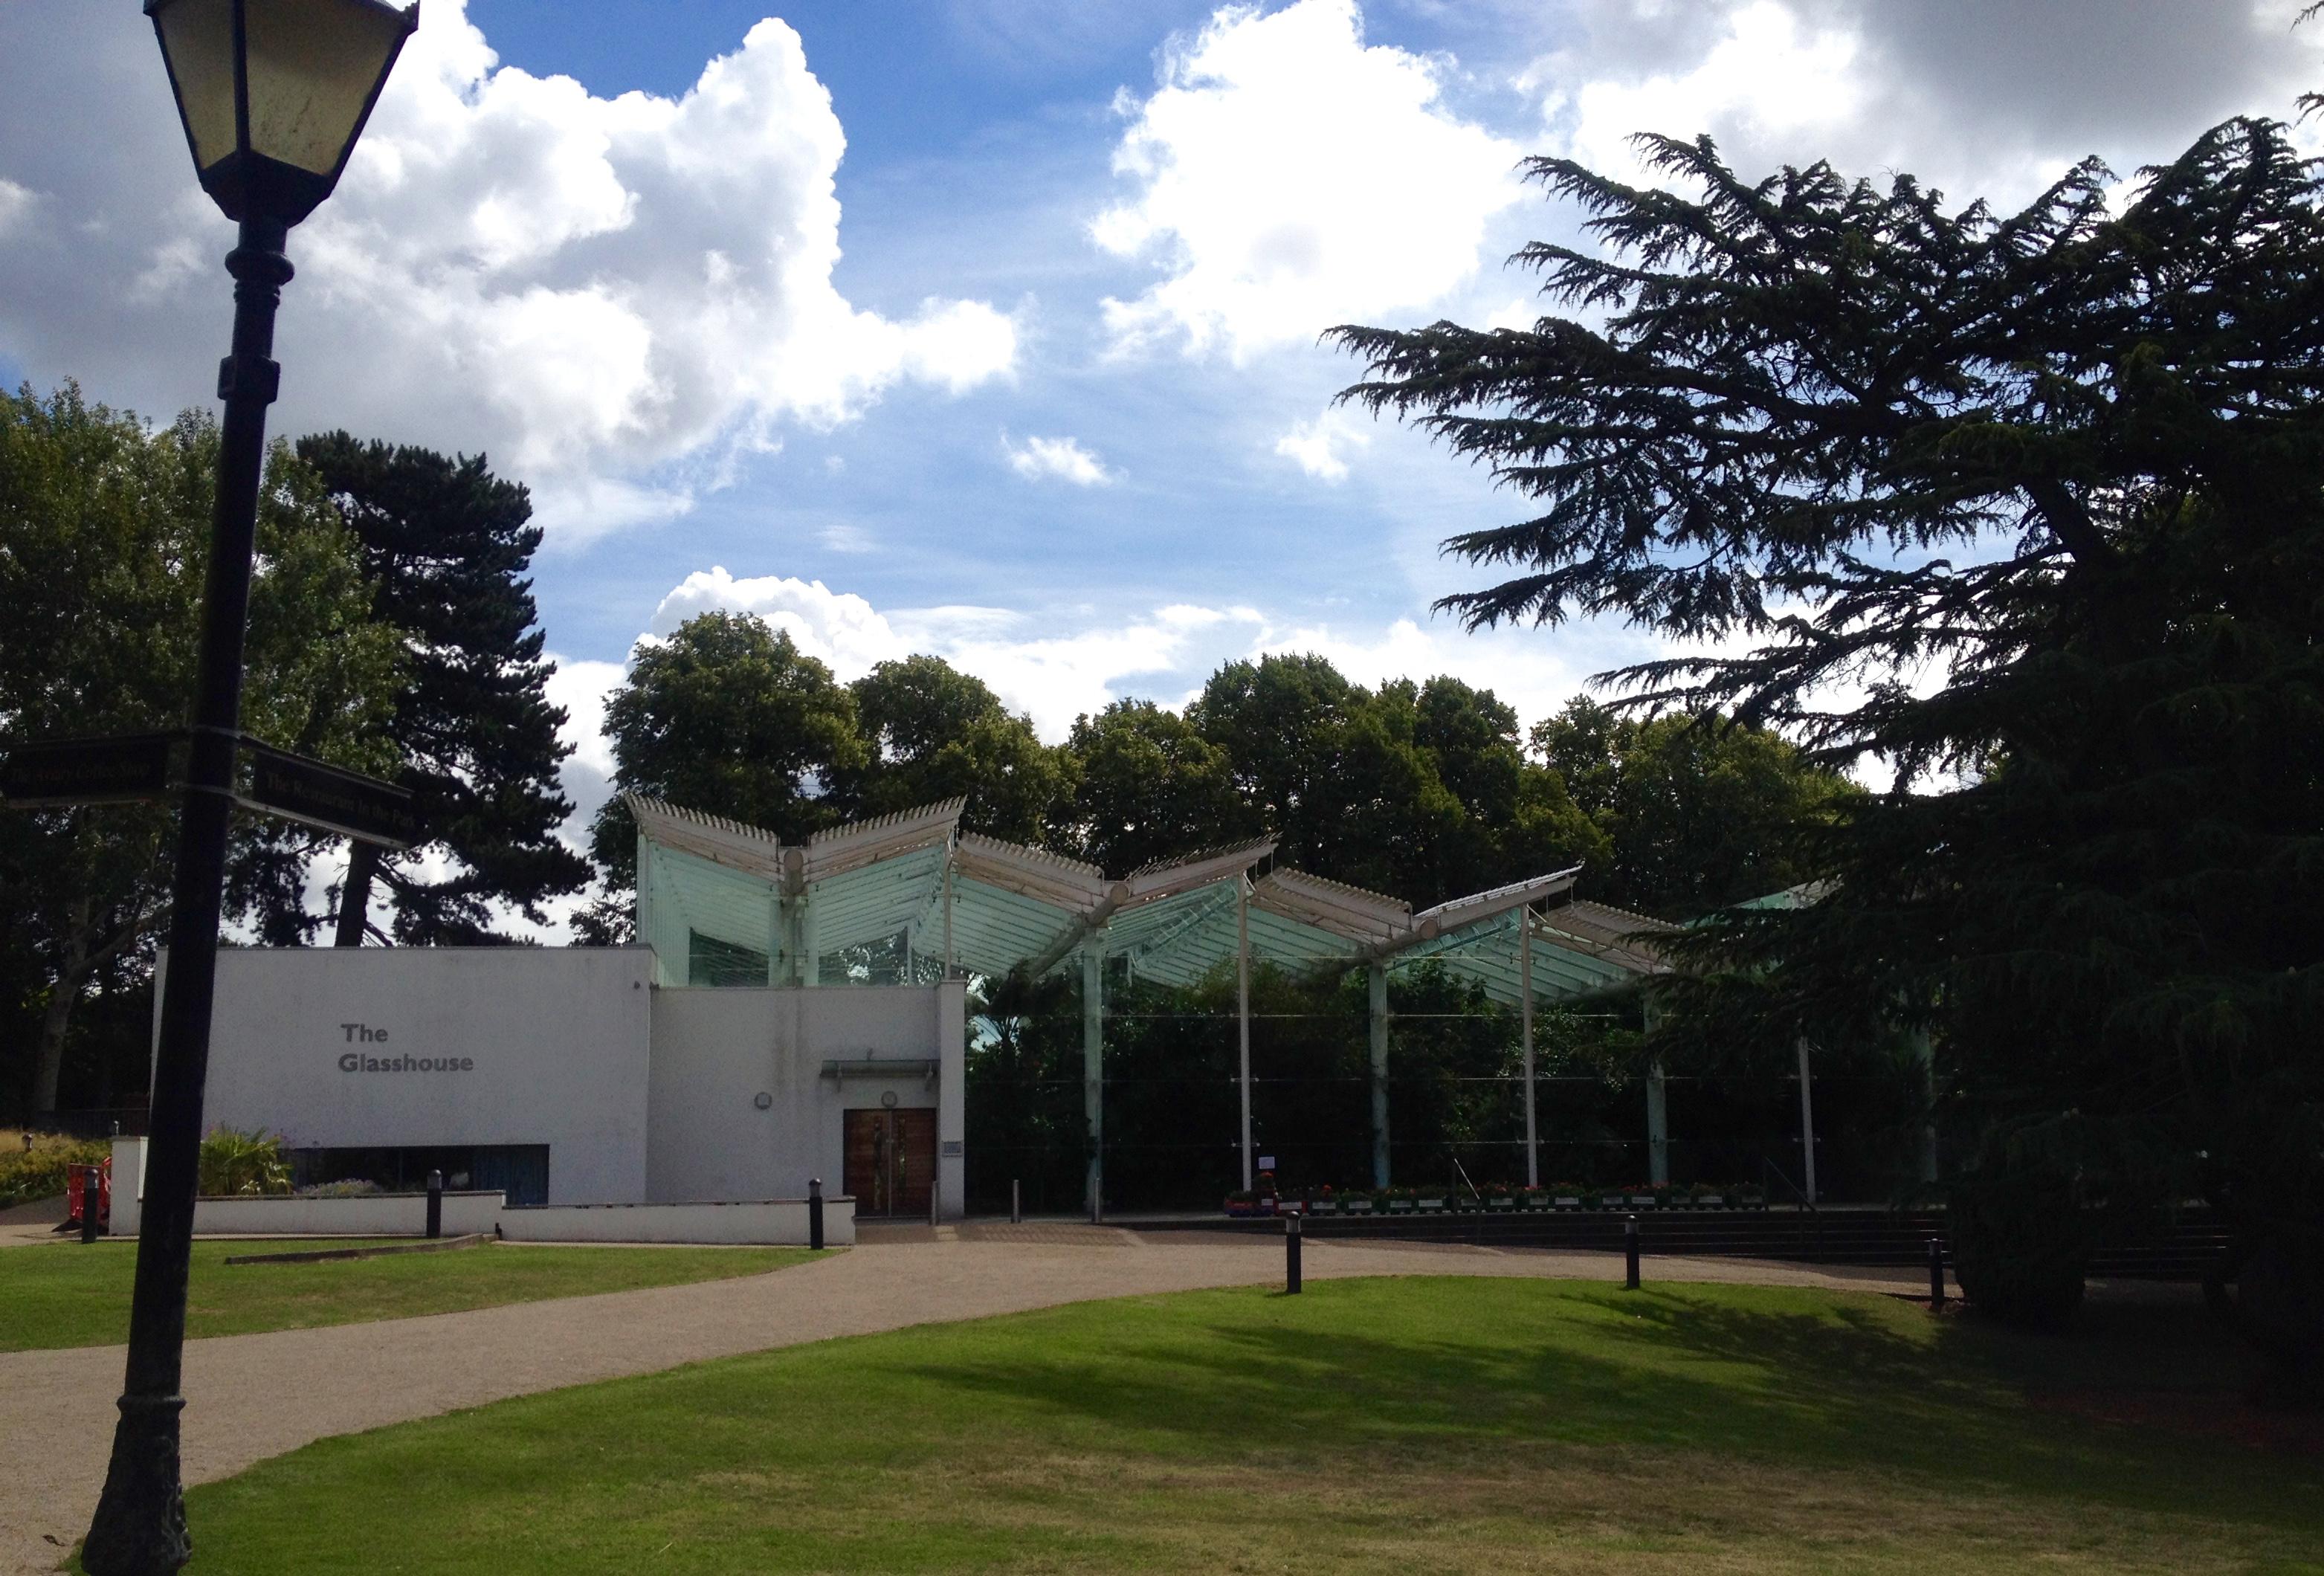 The Glasshouse, Jephson Park